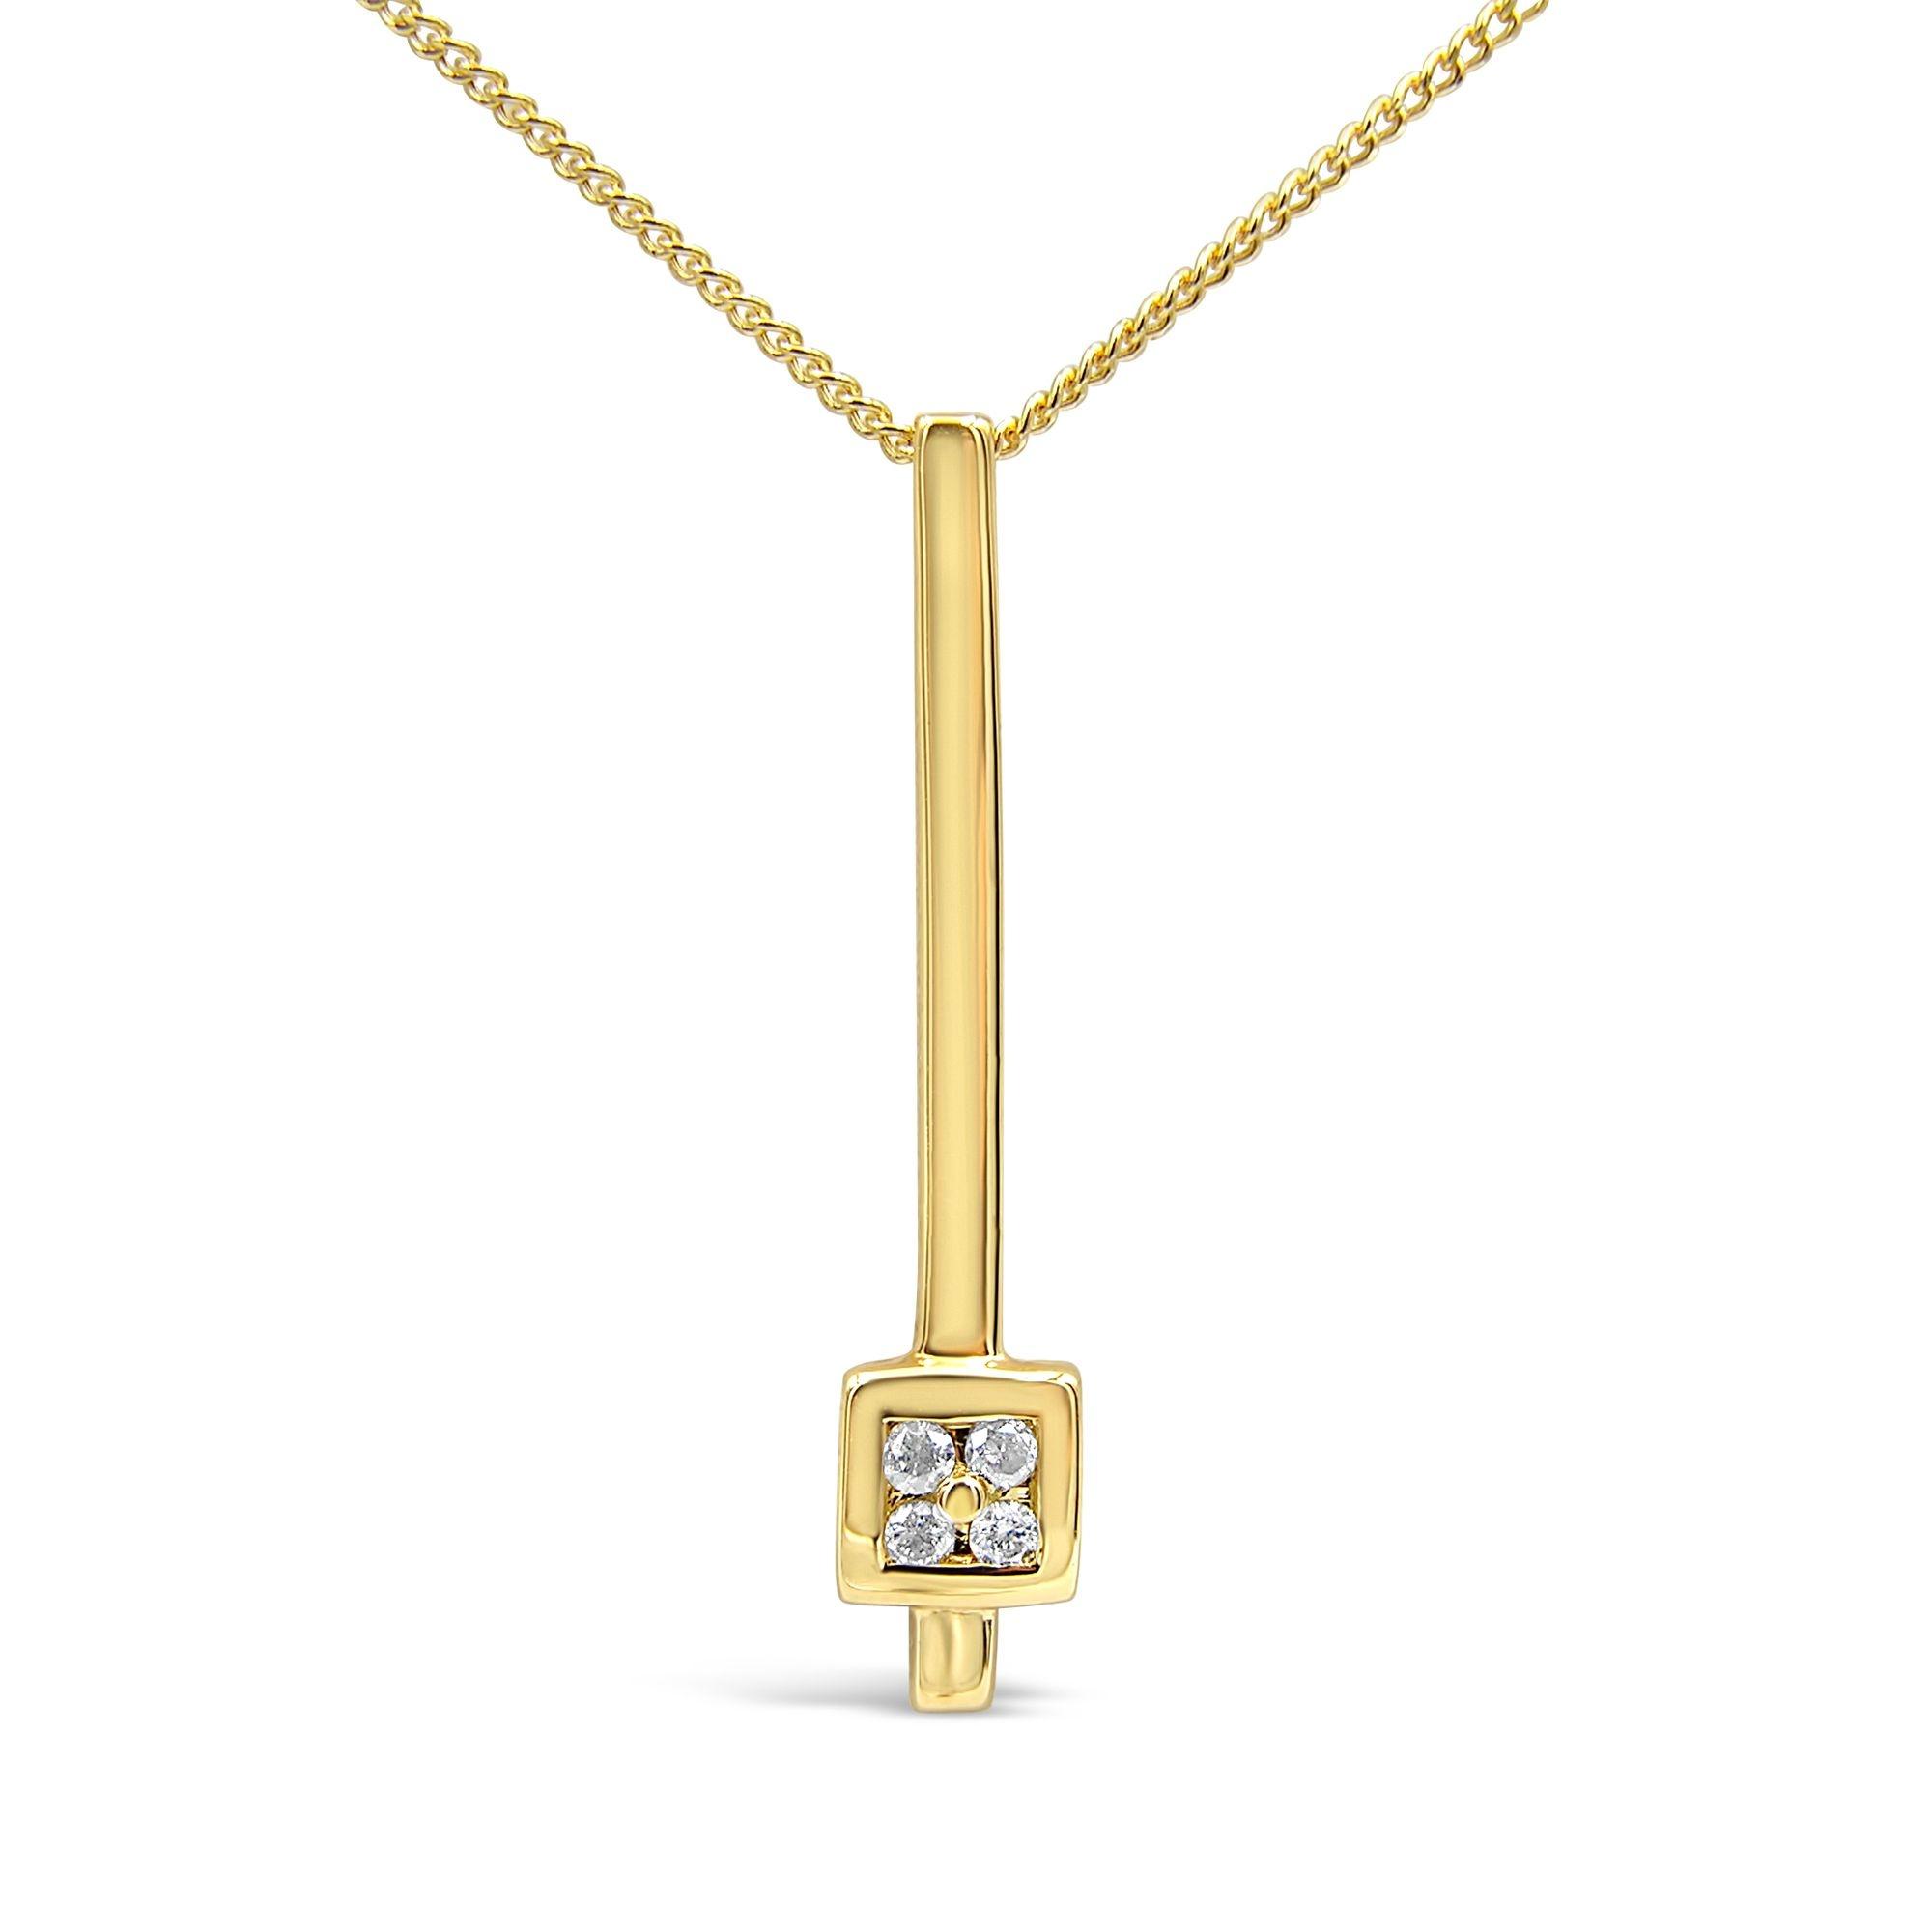 18 karaat geel goud hanger met 0.08 ct diamanten